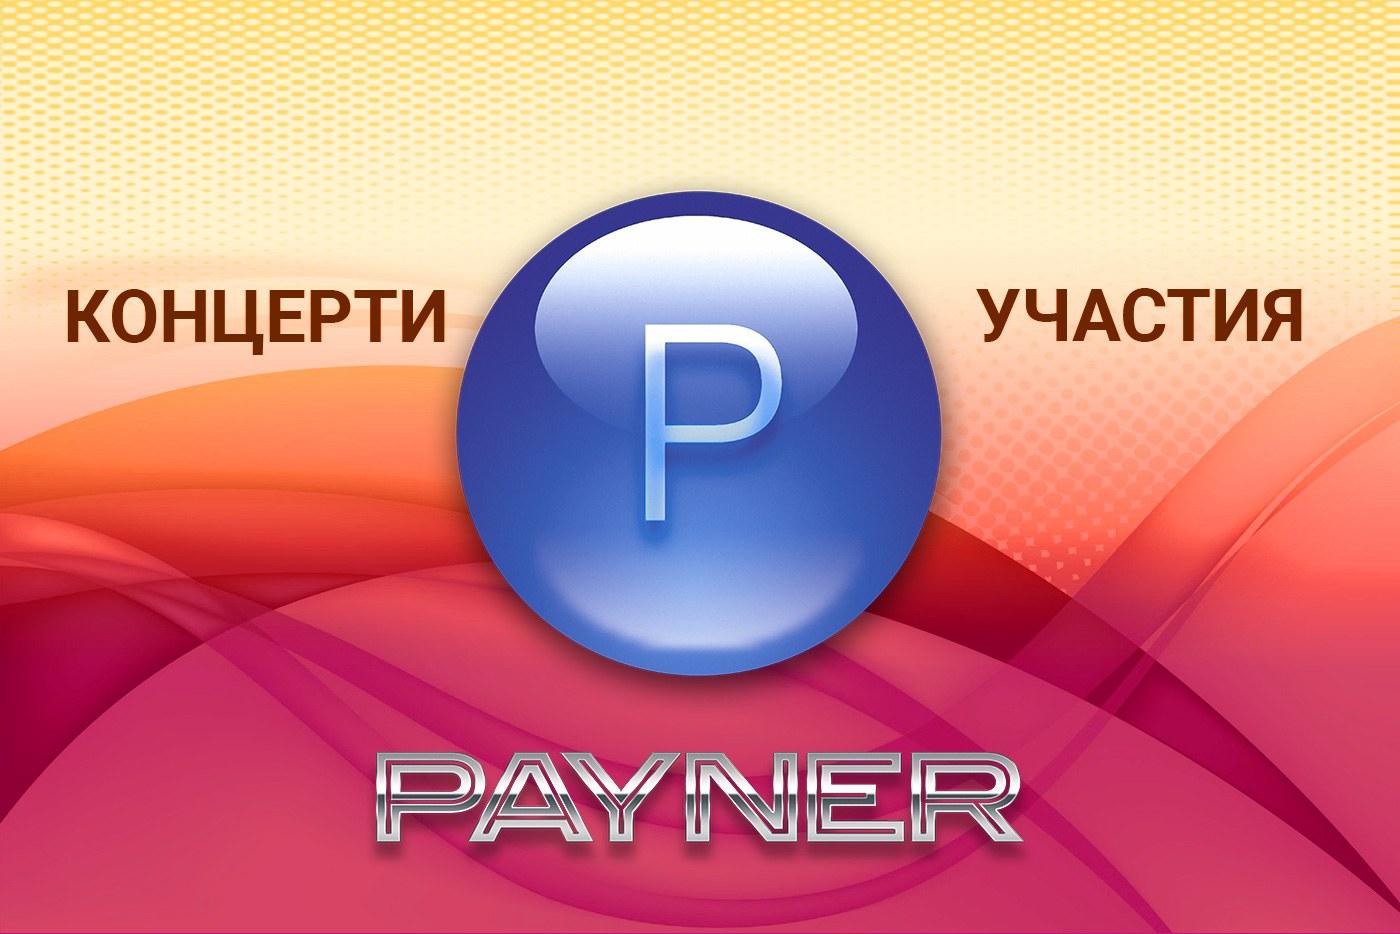 """Участия на звездите на """"Пайнер"""" на 11.07.2020"""